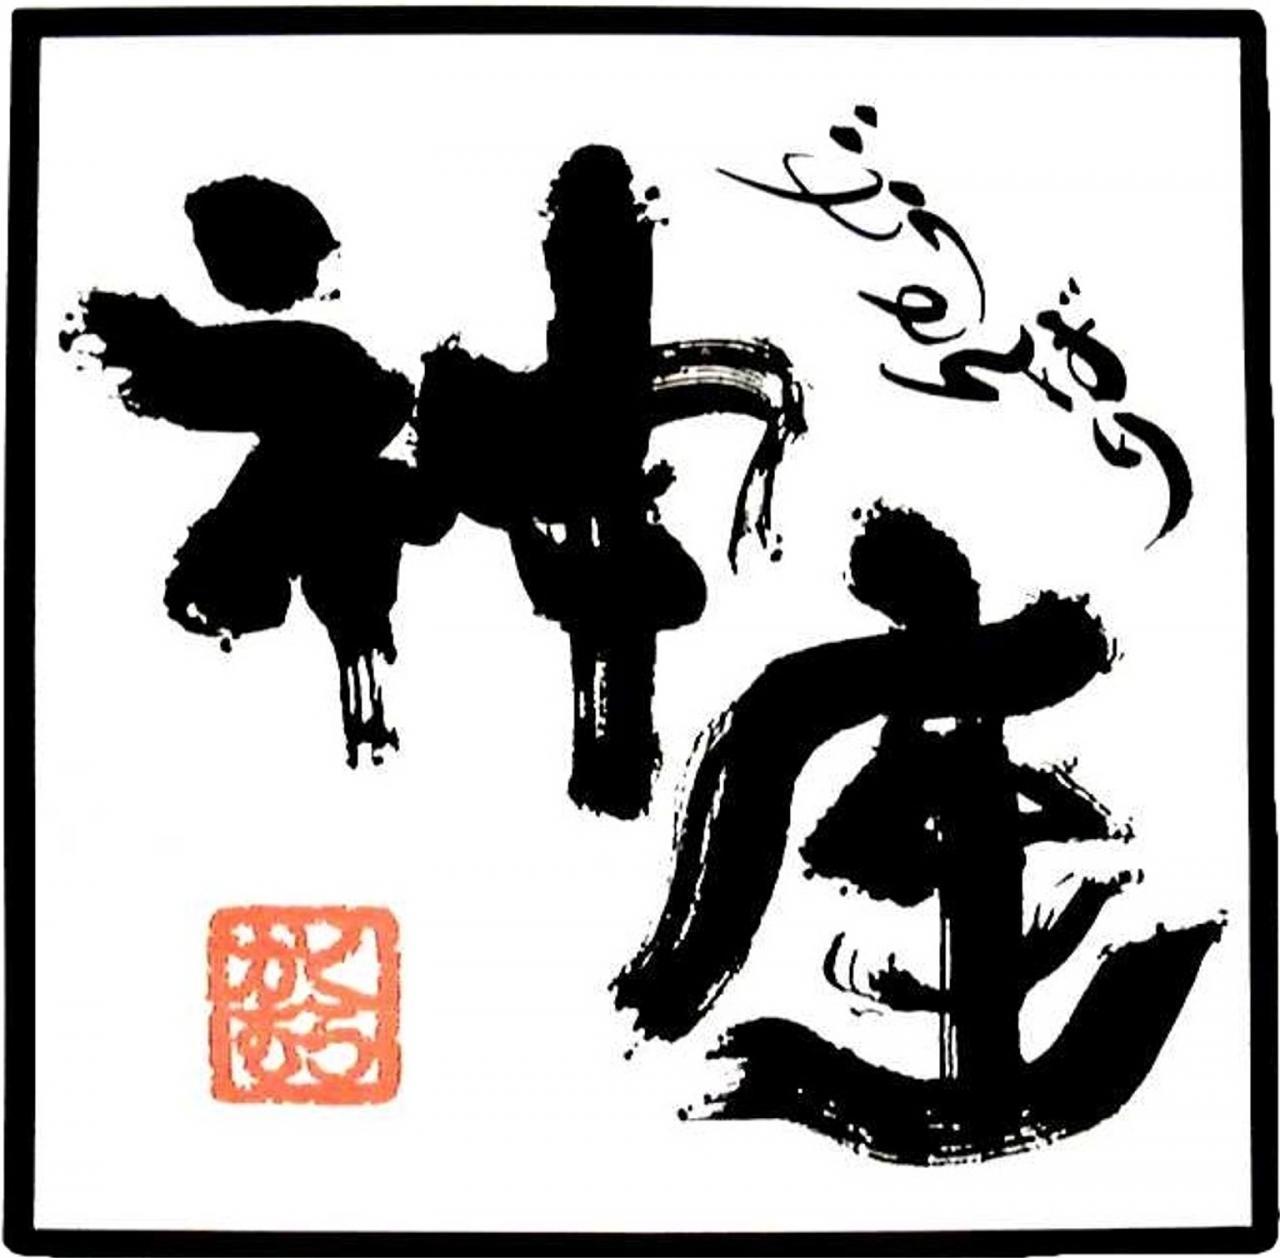 熊本市 熊本県 求人ボックス|キャリアコンサルタントの仕事 -